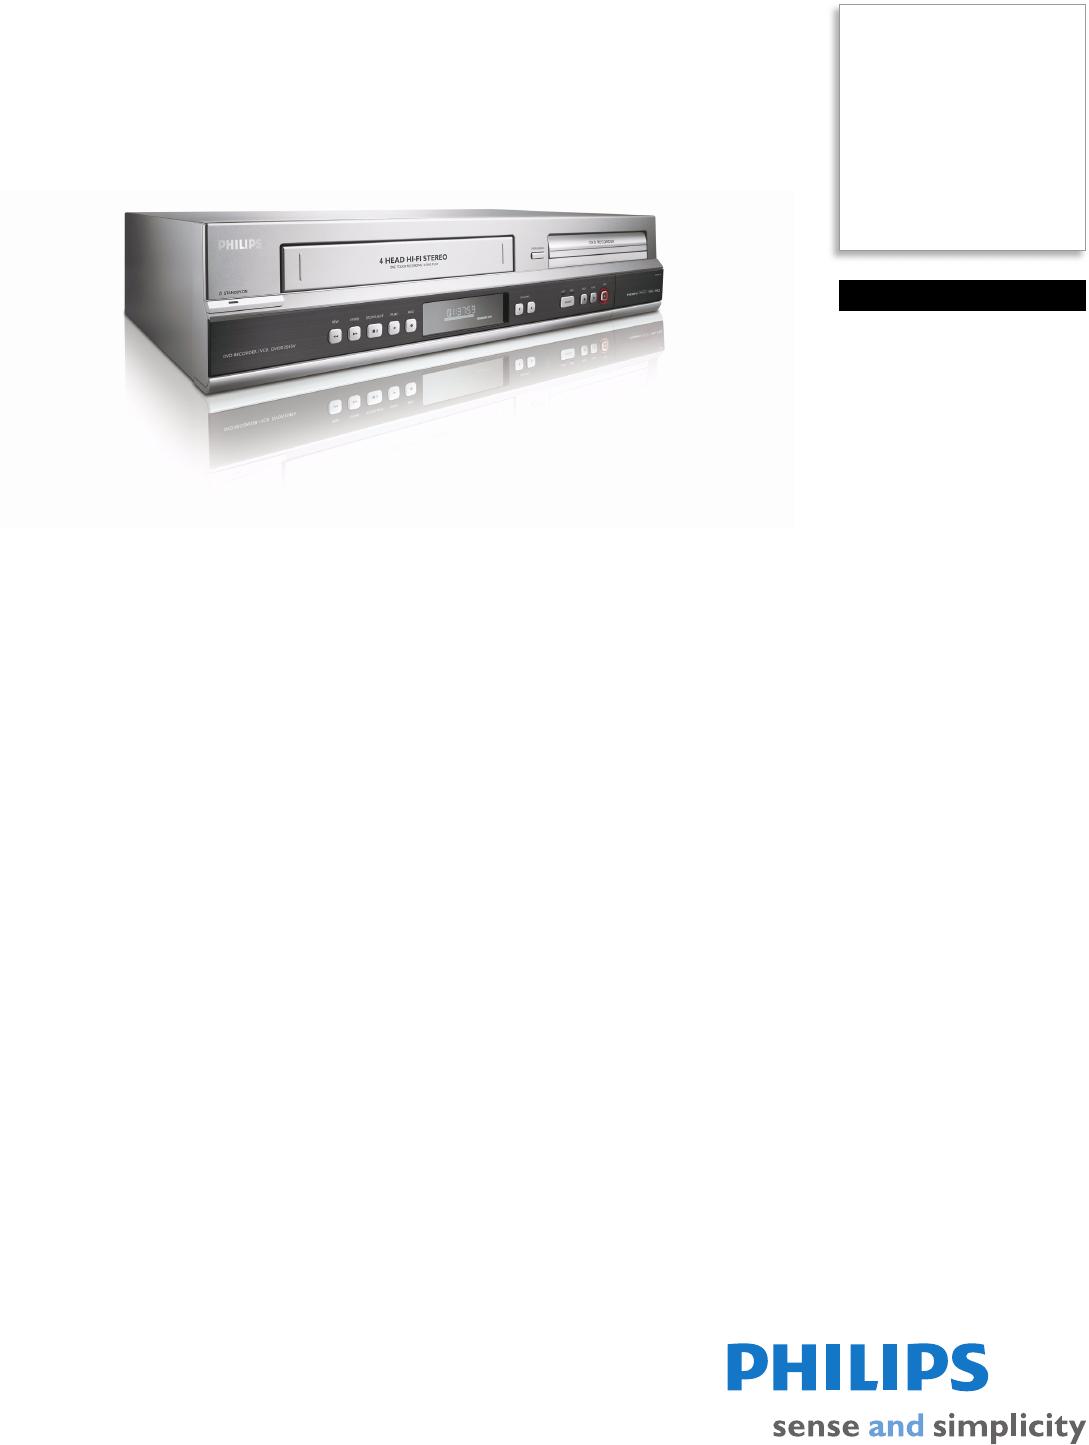 philips dvd recorder dvdr3545v user guide manualsonline com rh tv manualsonline com Philips Electronics Manuals Philips Electronics Manuals